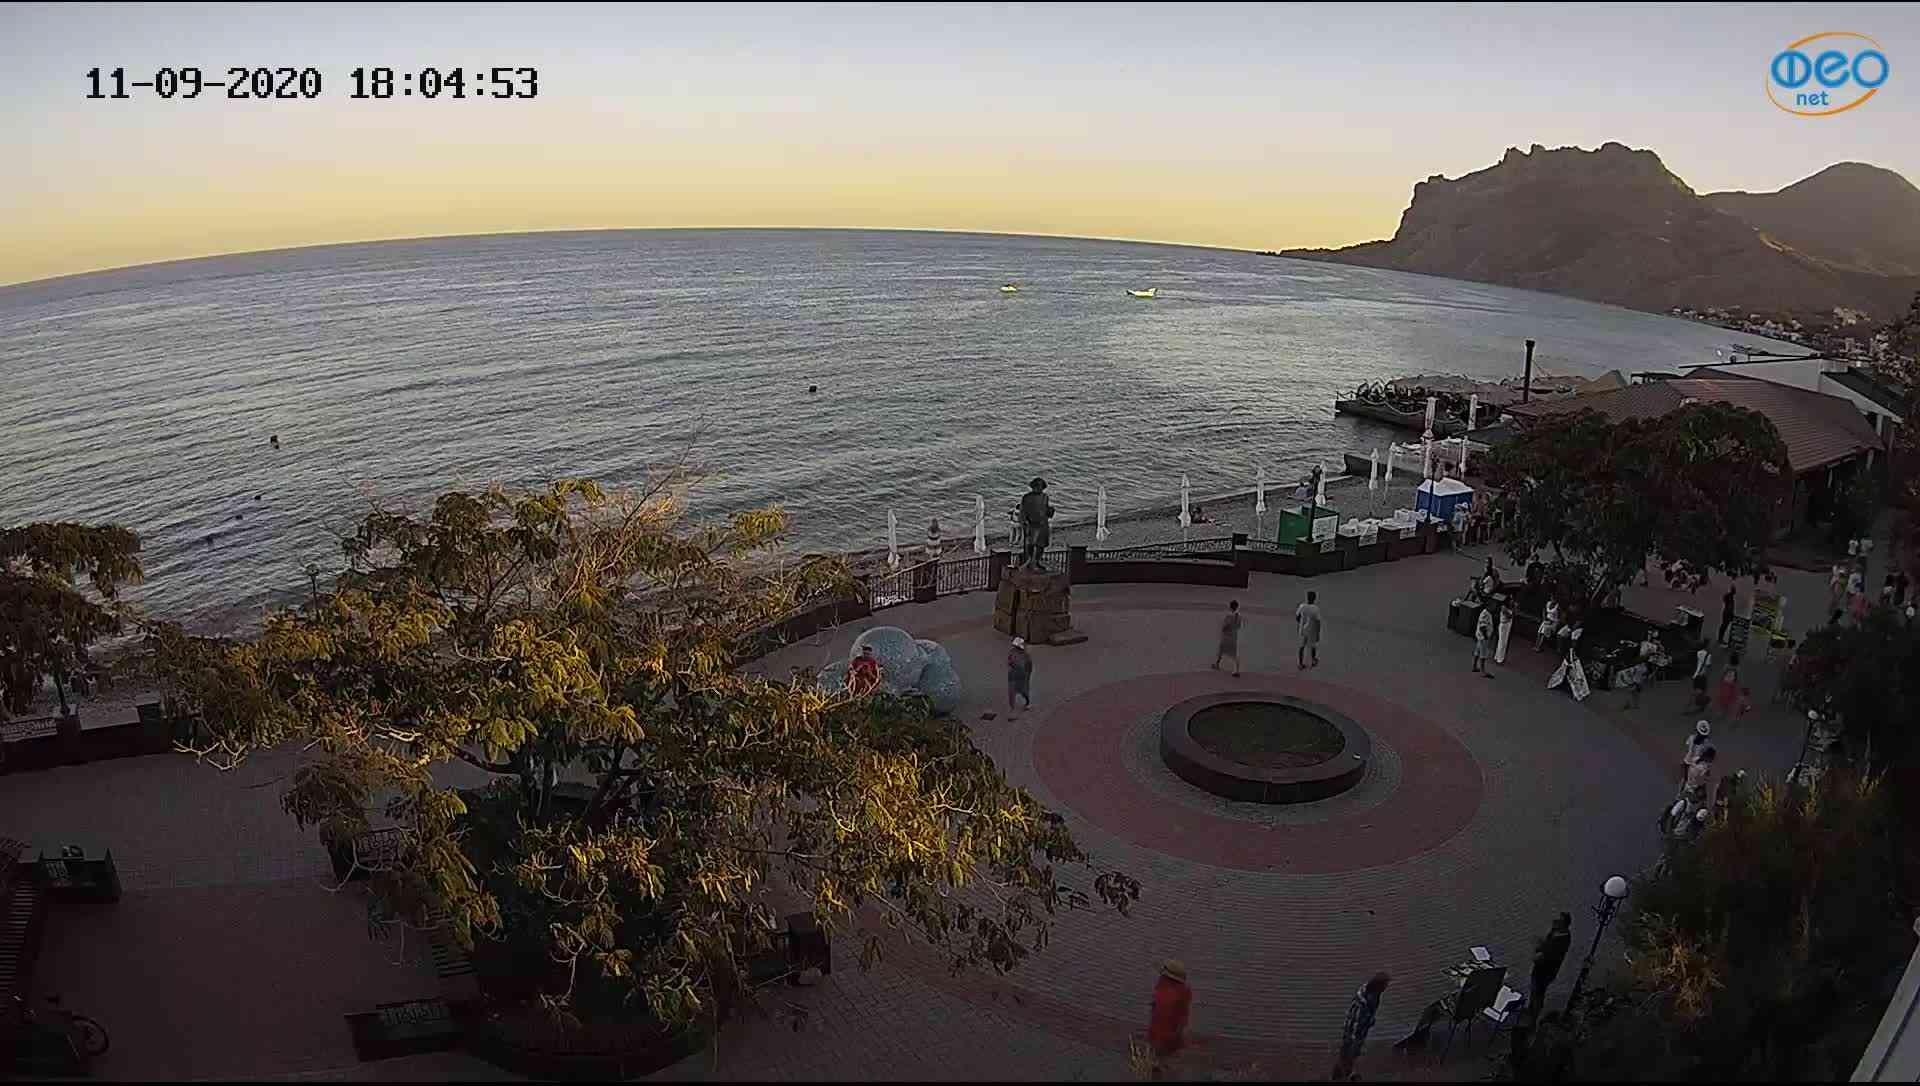 Веб-камеры Феодосии, Набережная Коктебель перед домом Волошина, 2020-09-11 18:05:07